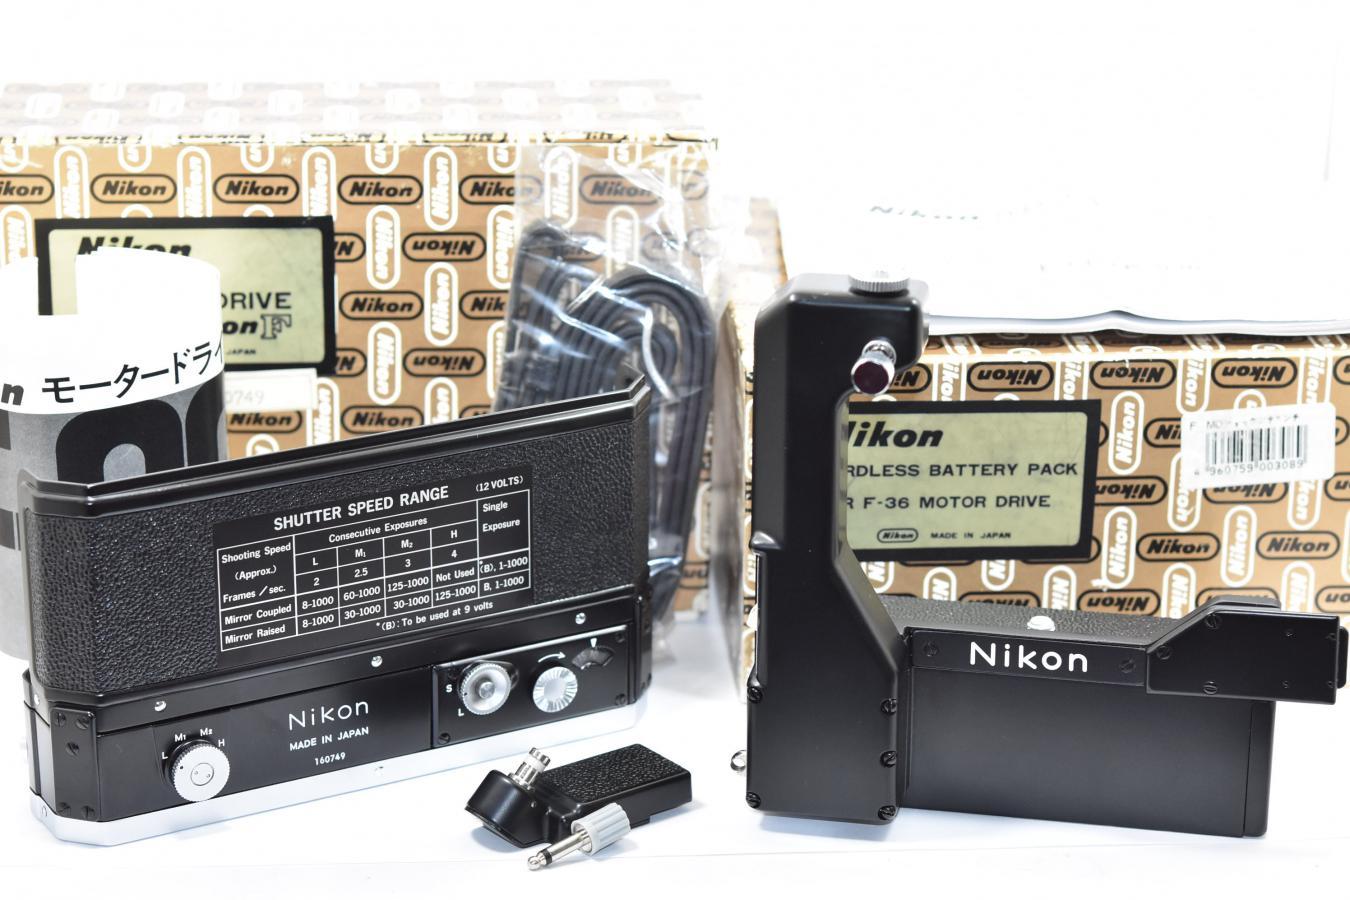 【コレクション向け】 Nikon F-36 MOTOR DRIVE SET 【元箱付一式 開封しただけで1度も使用していない】